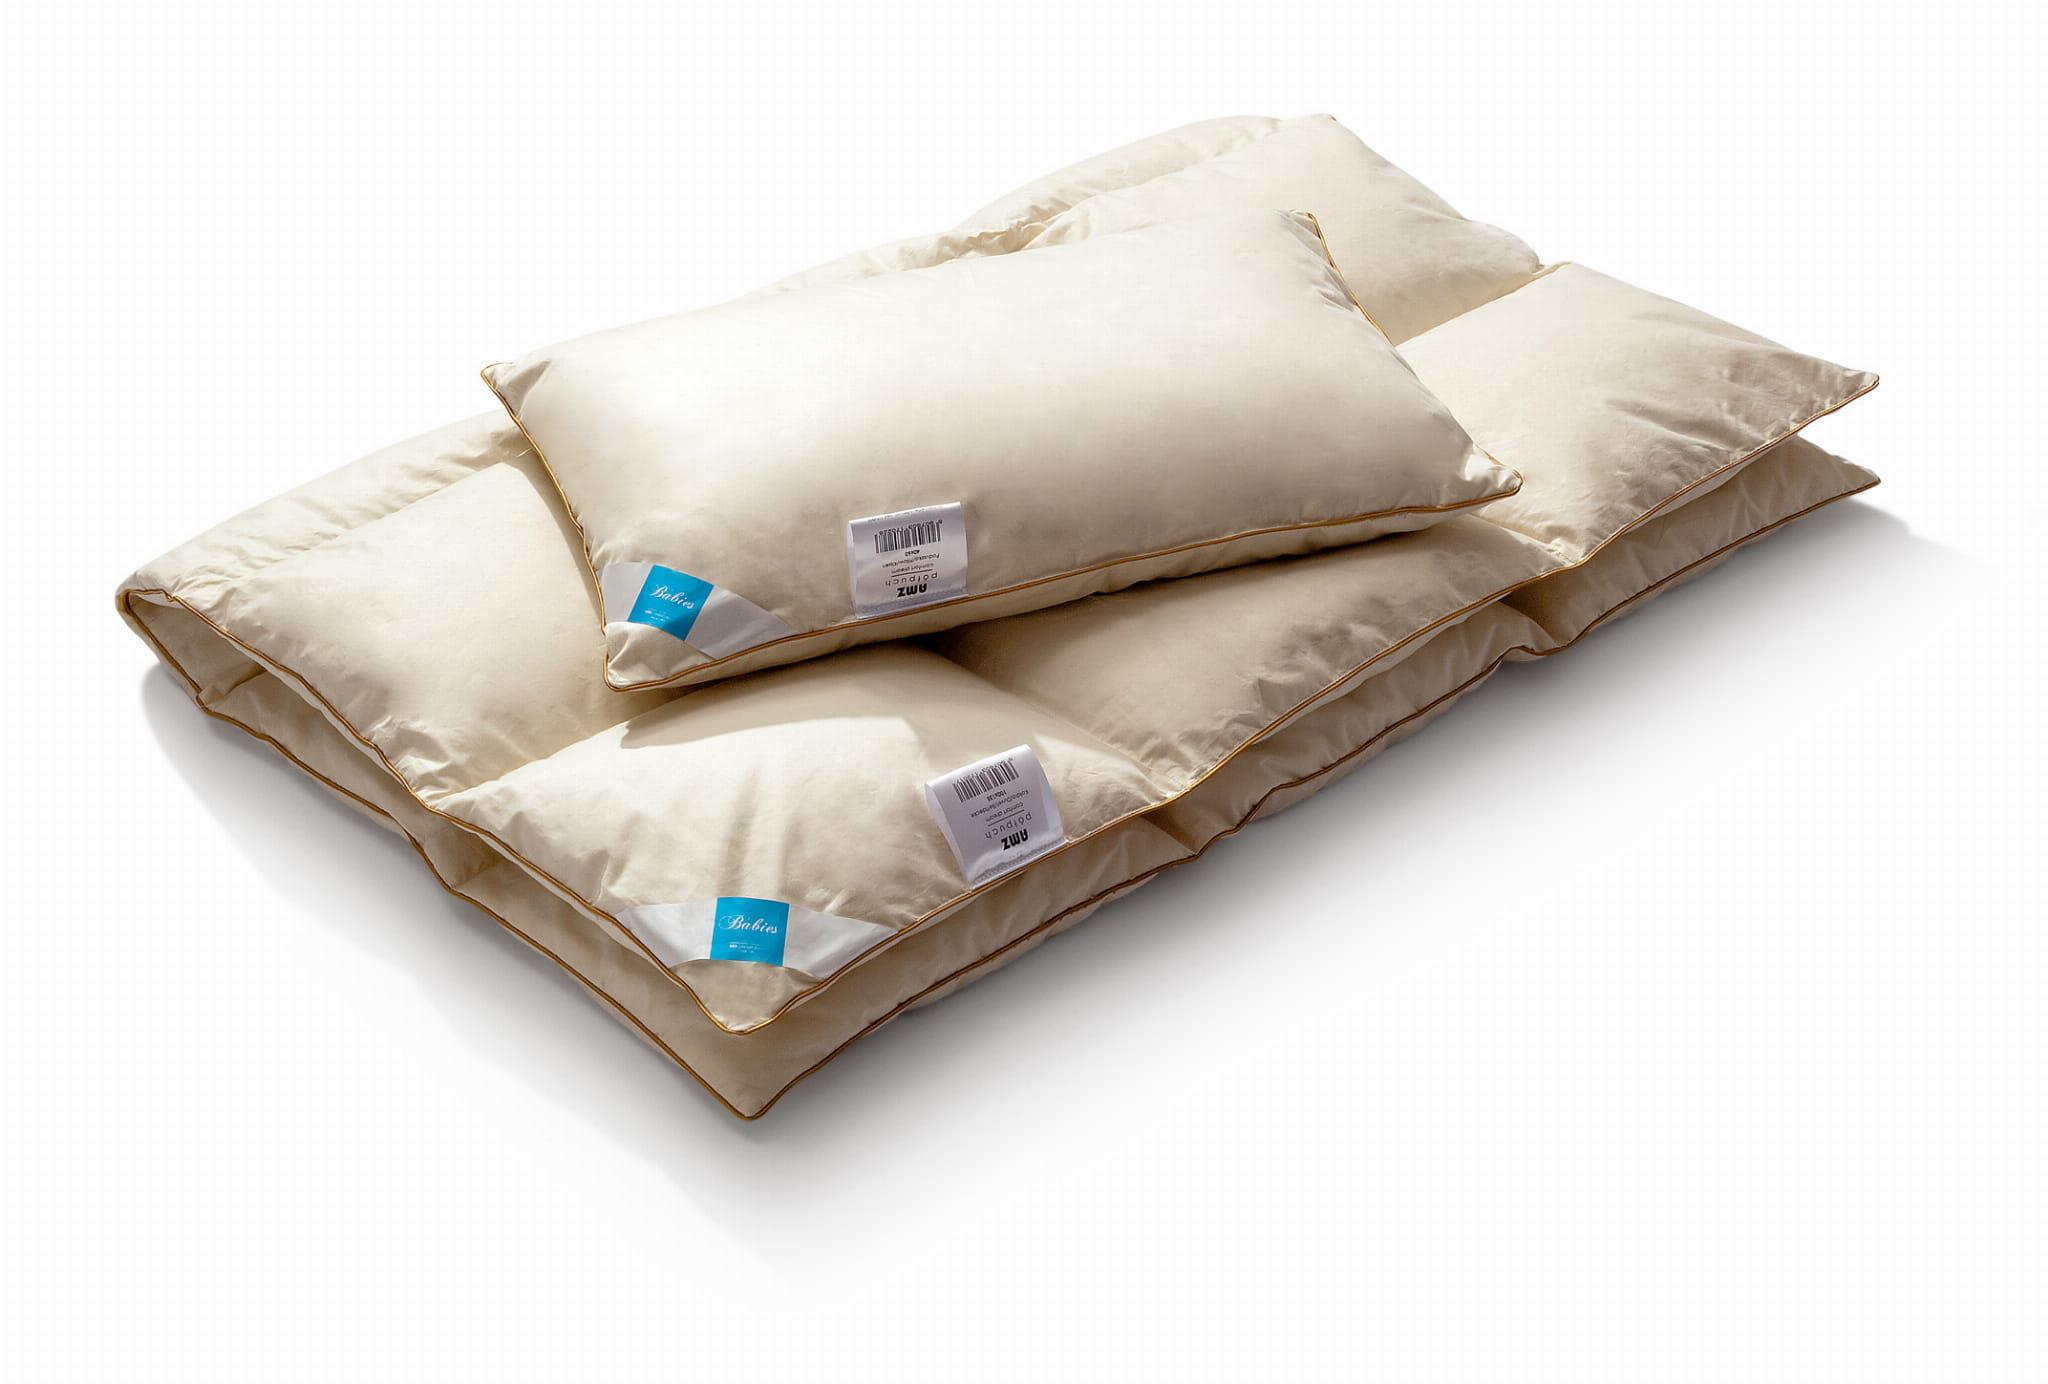 Kołdra dziecięca 90x120 AMZ Basic Plus z poduszką 40x60 puch 70%